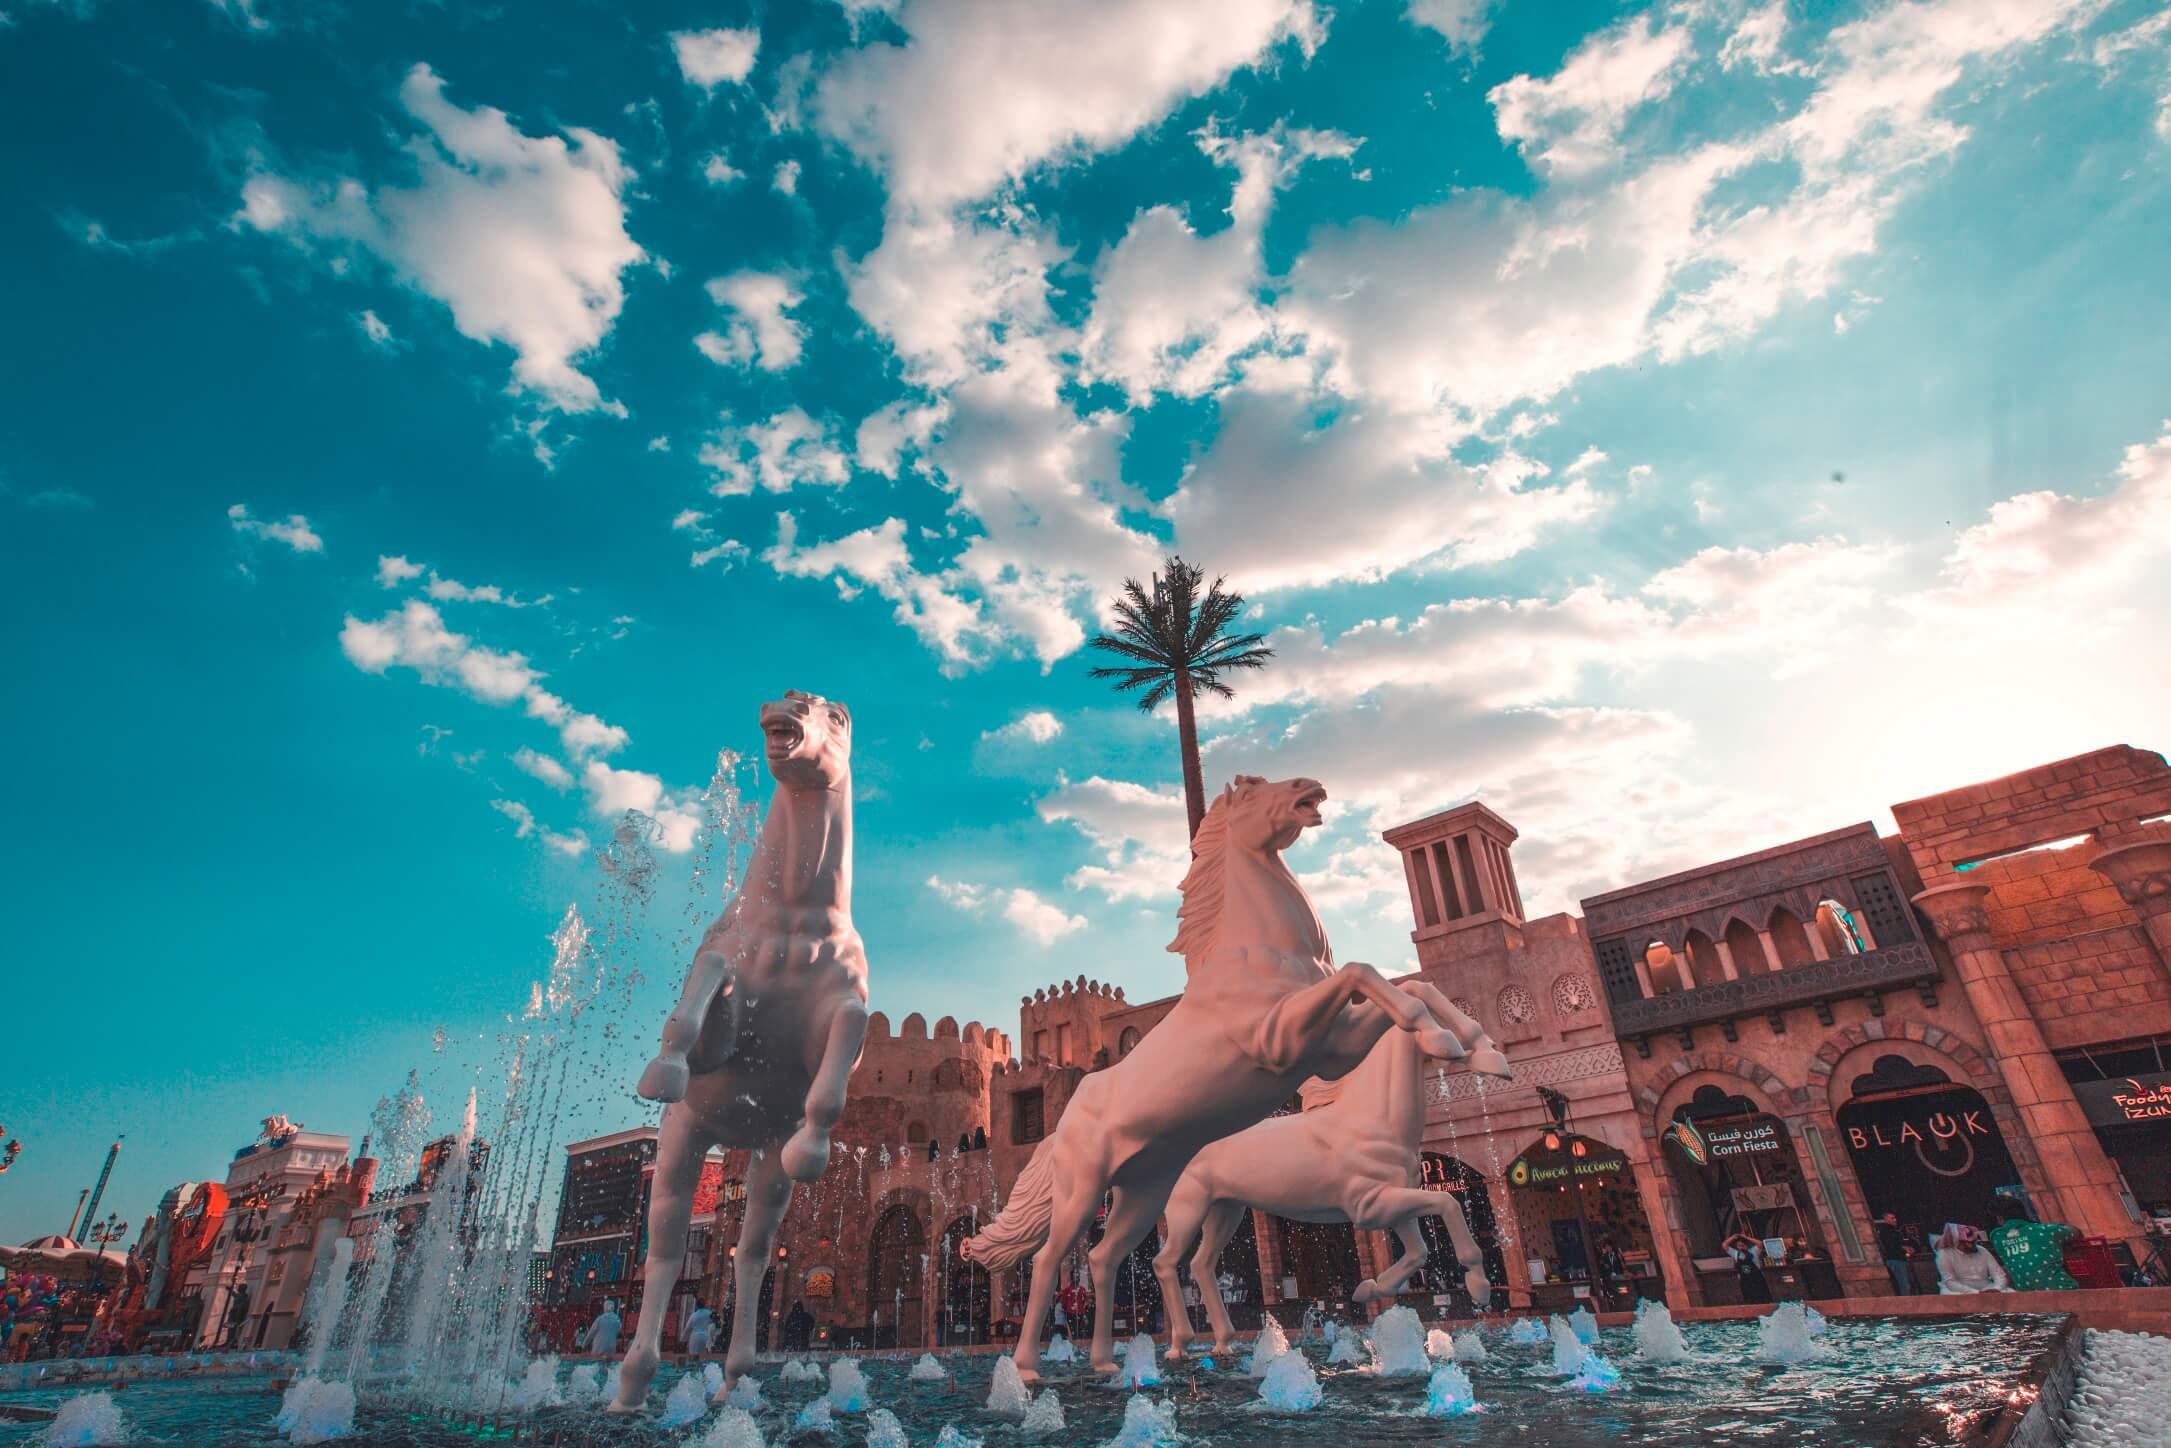 """القرية العالمية بين قائمة أفضل 10% من الوجهات العالمية المفضلة للمسافرين بحسب موقع """"تريب أدفايزر"""""""